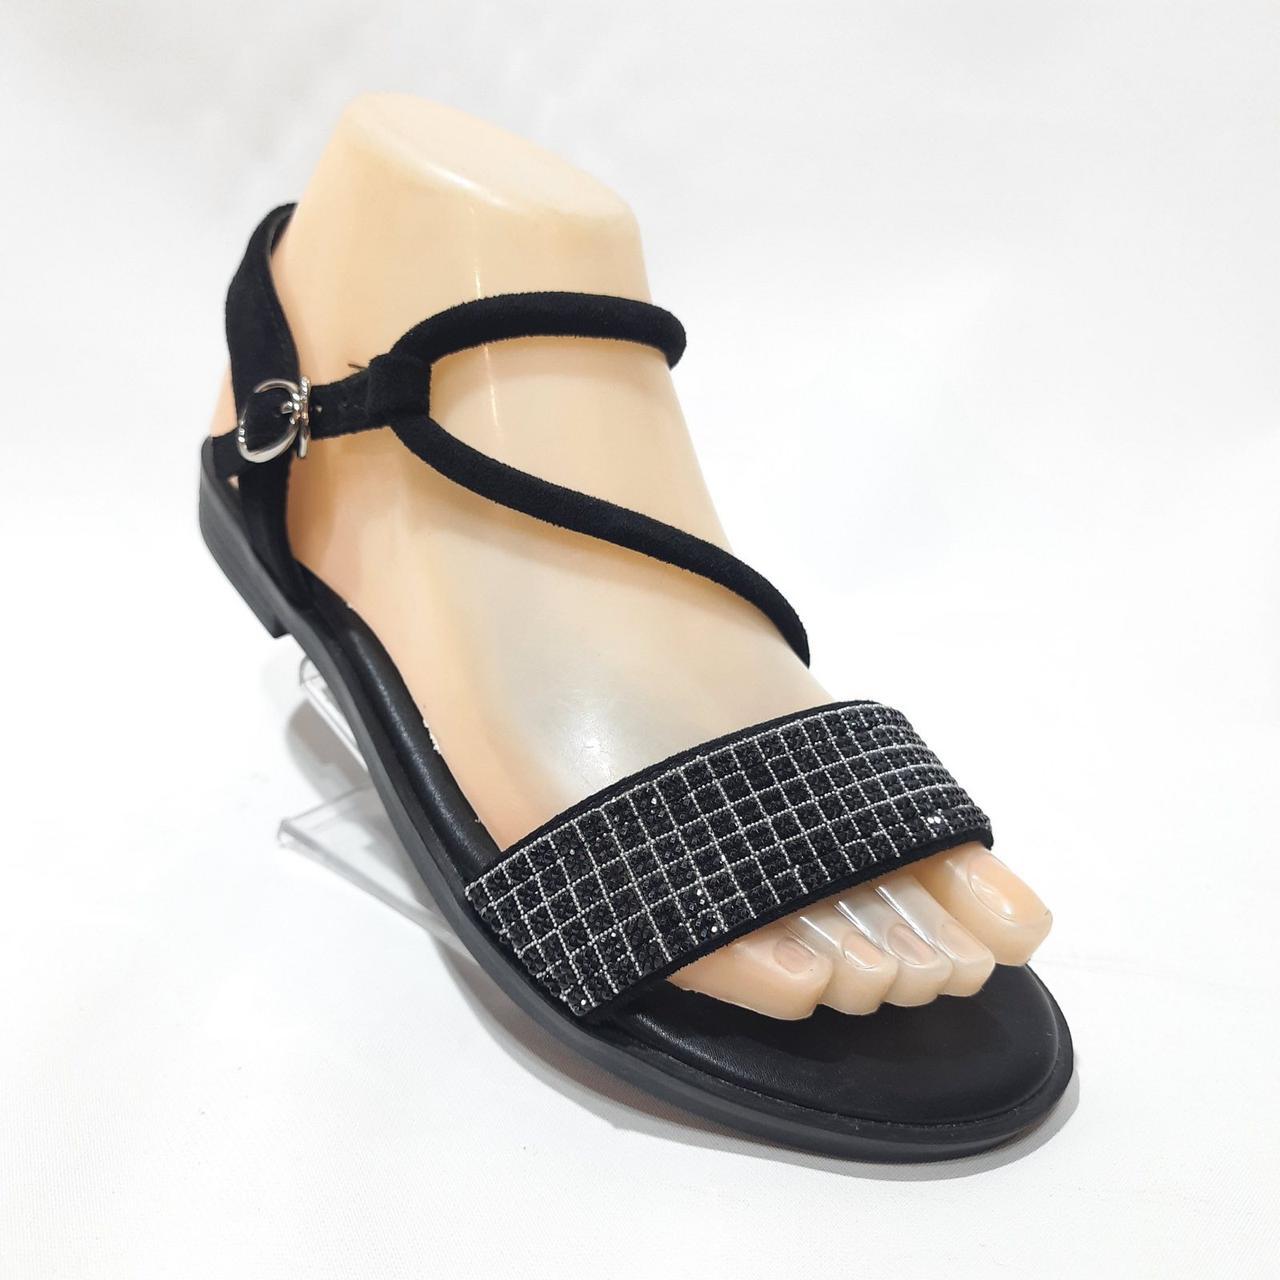 Босоніжки жіночі, сандалі з екошкіри текстилю на плоскій підошві Чорні